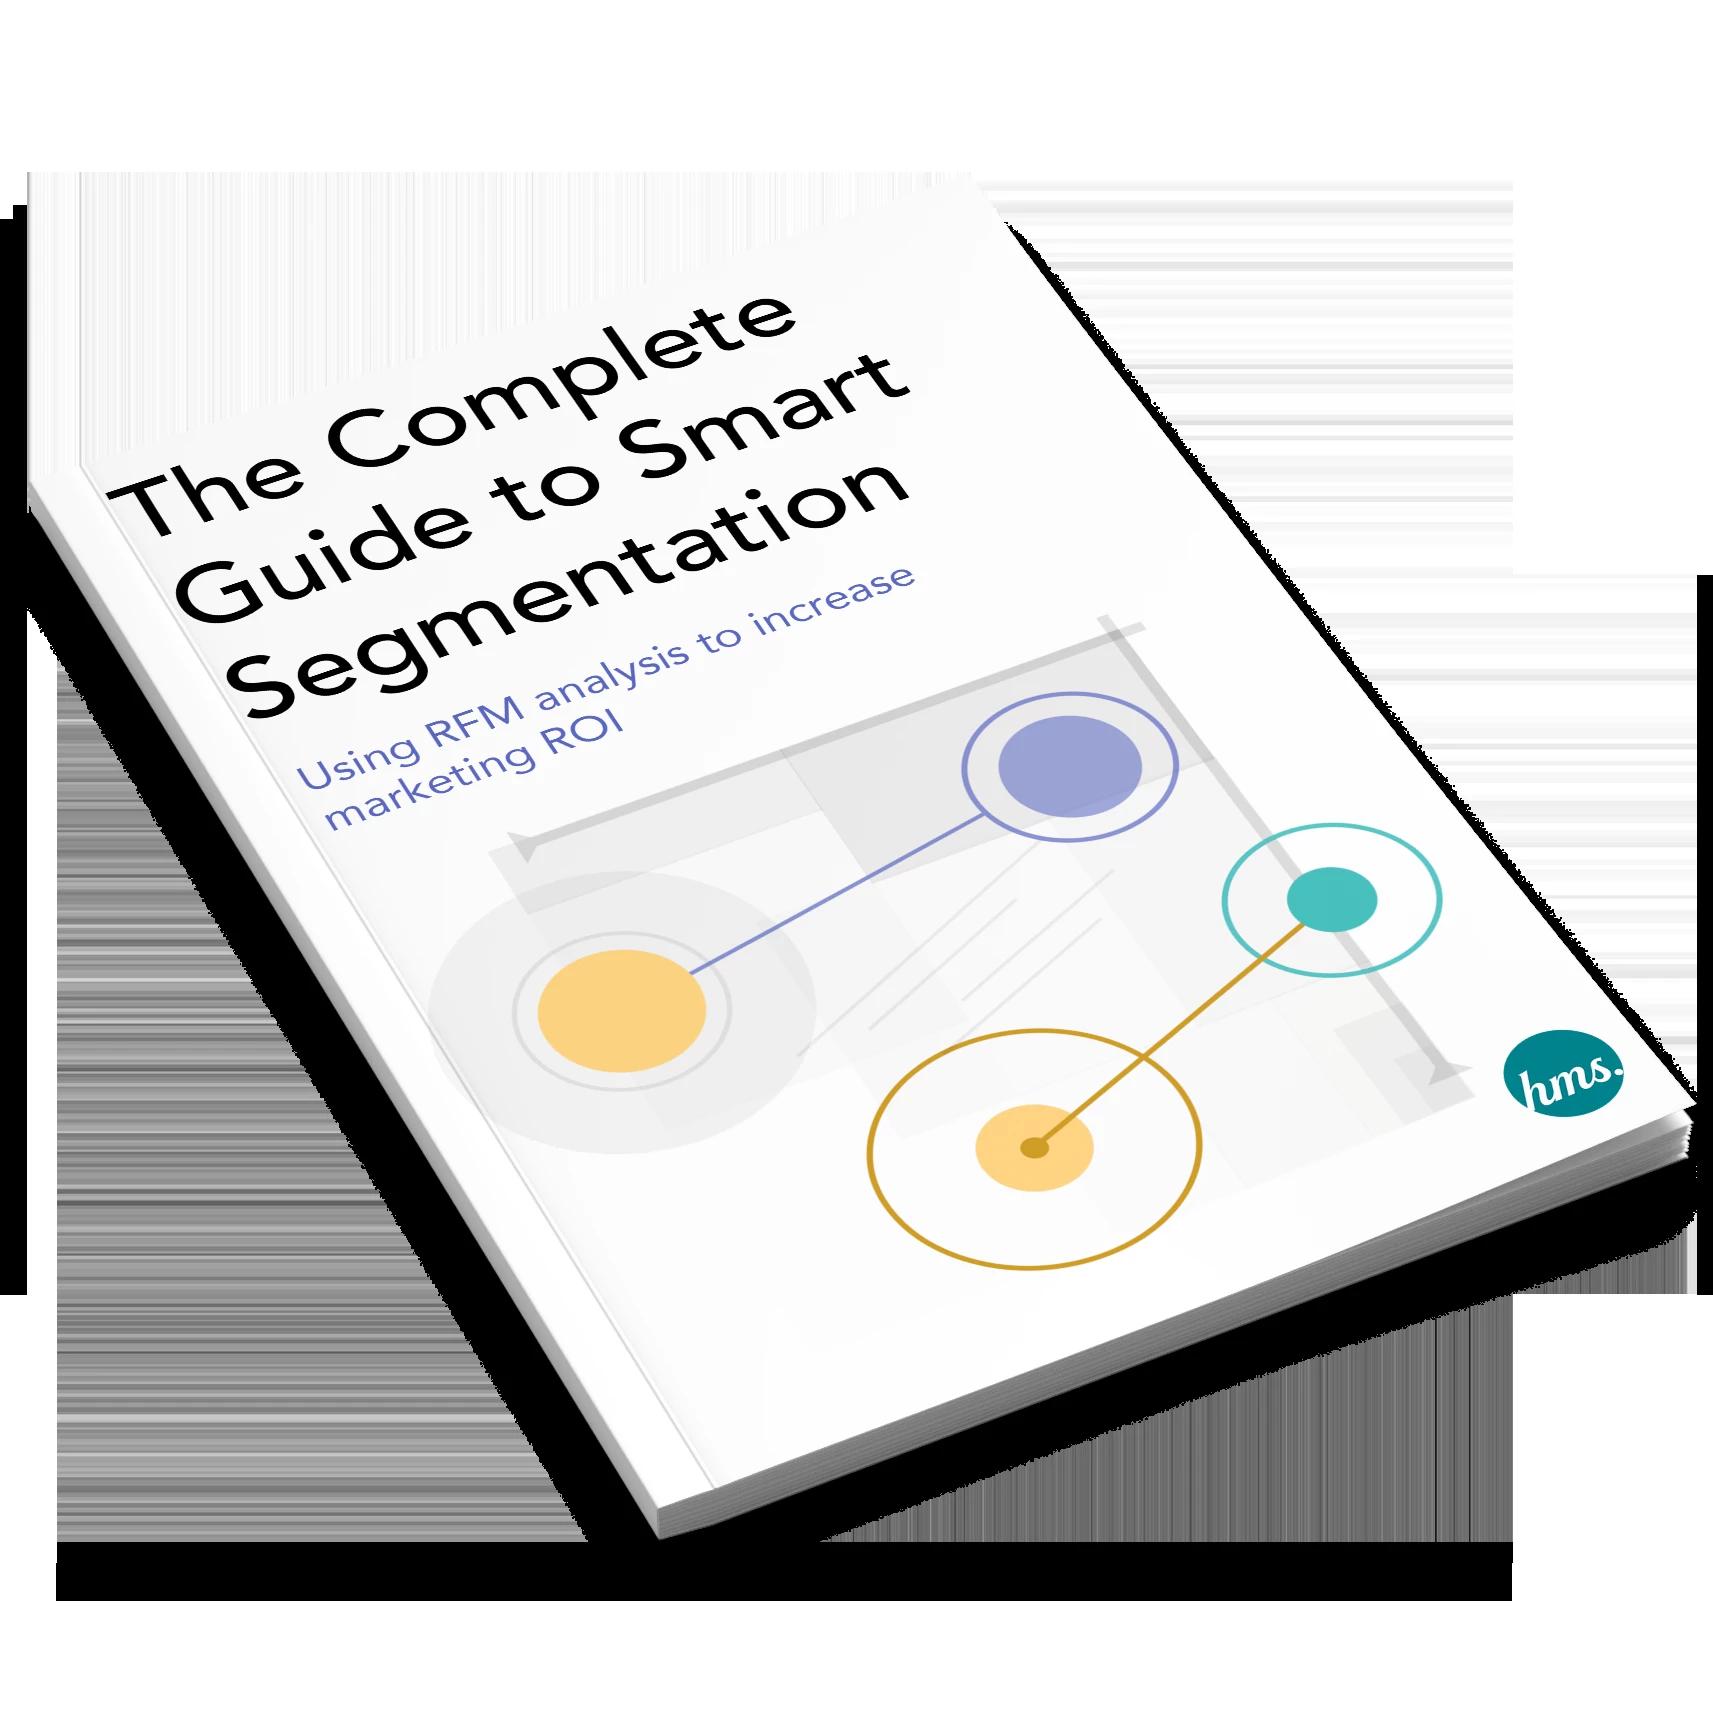 The Complete Guide to Smart Segmentation